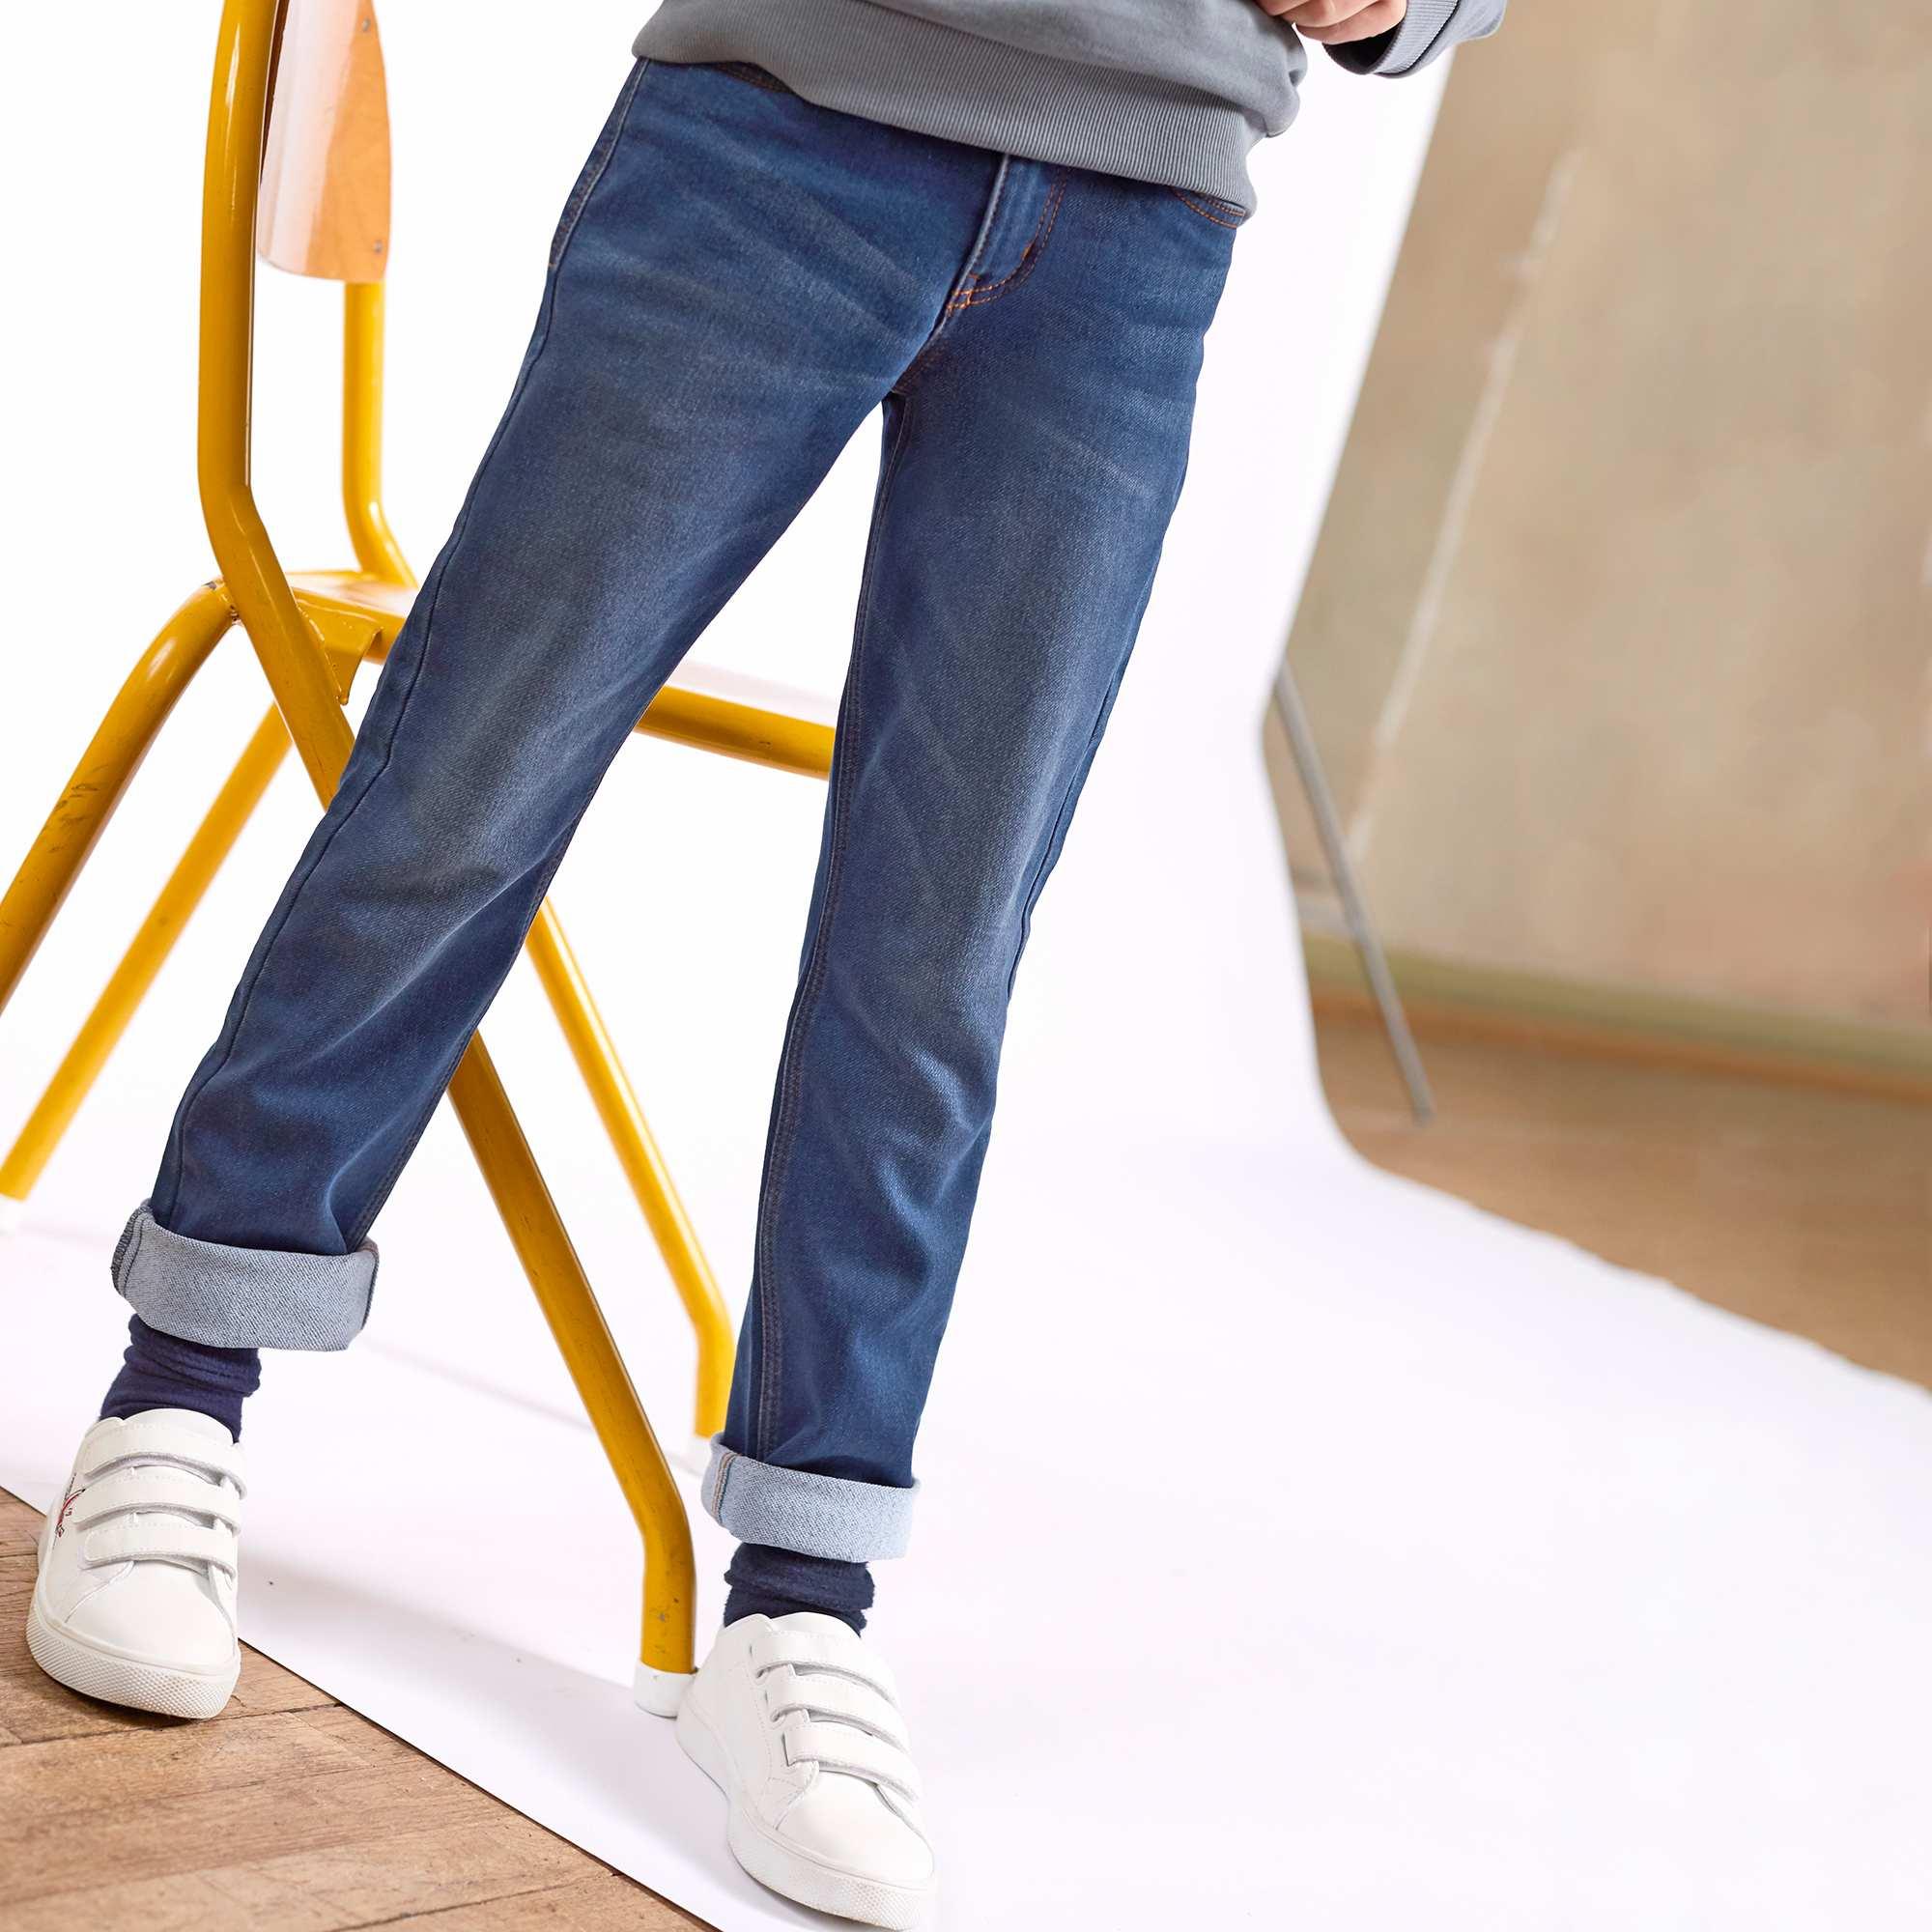 Couleur : brut, gris, ,, - Taille : 6A, 8A, 5A,3A,10AUne toute nouvelle matière super confortable pour ce jean ! - Jean effet délavé -